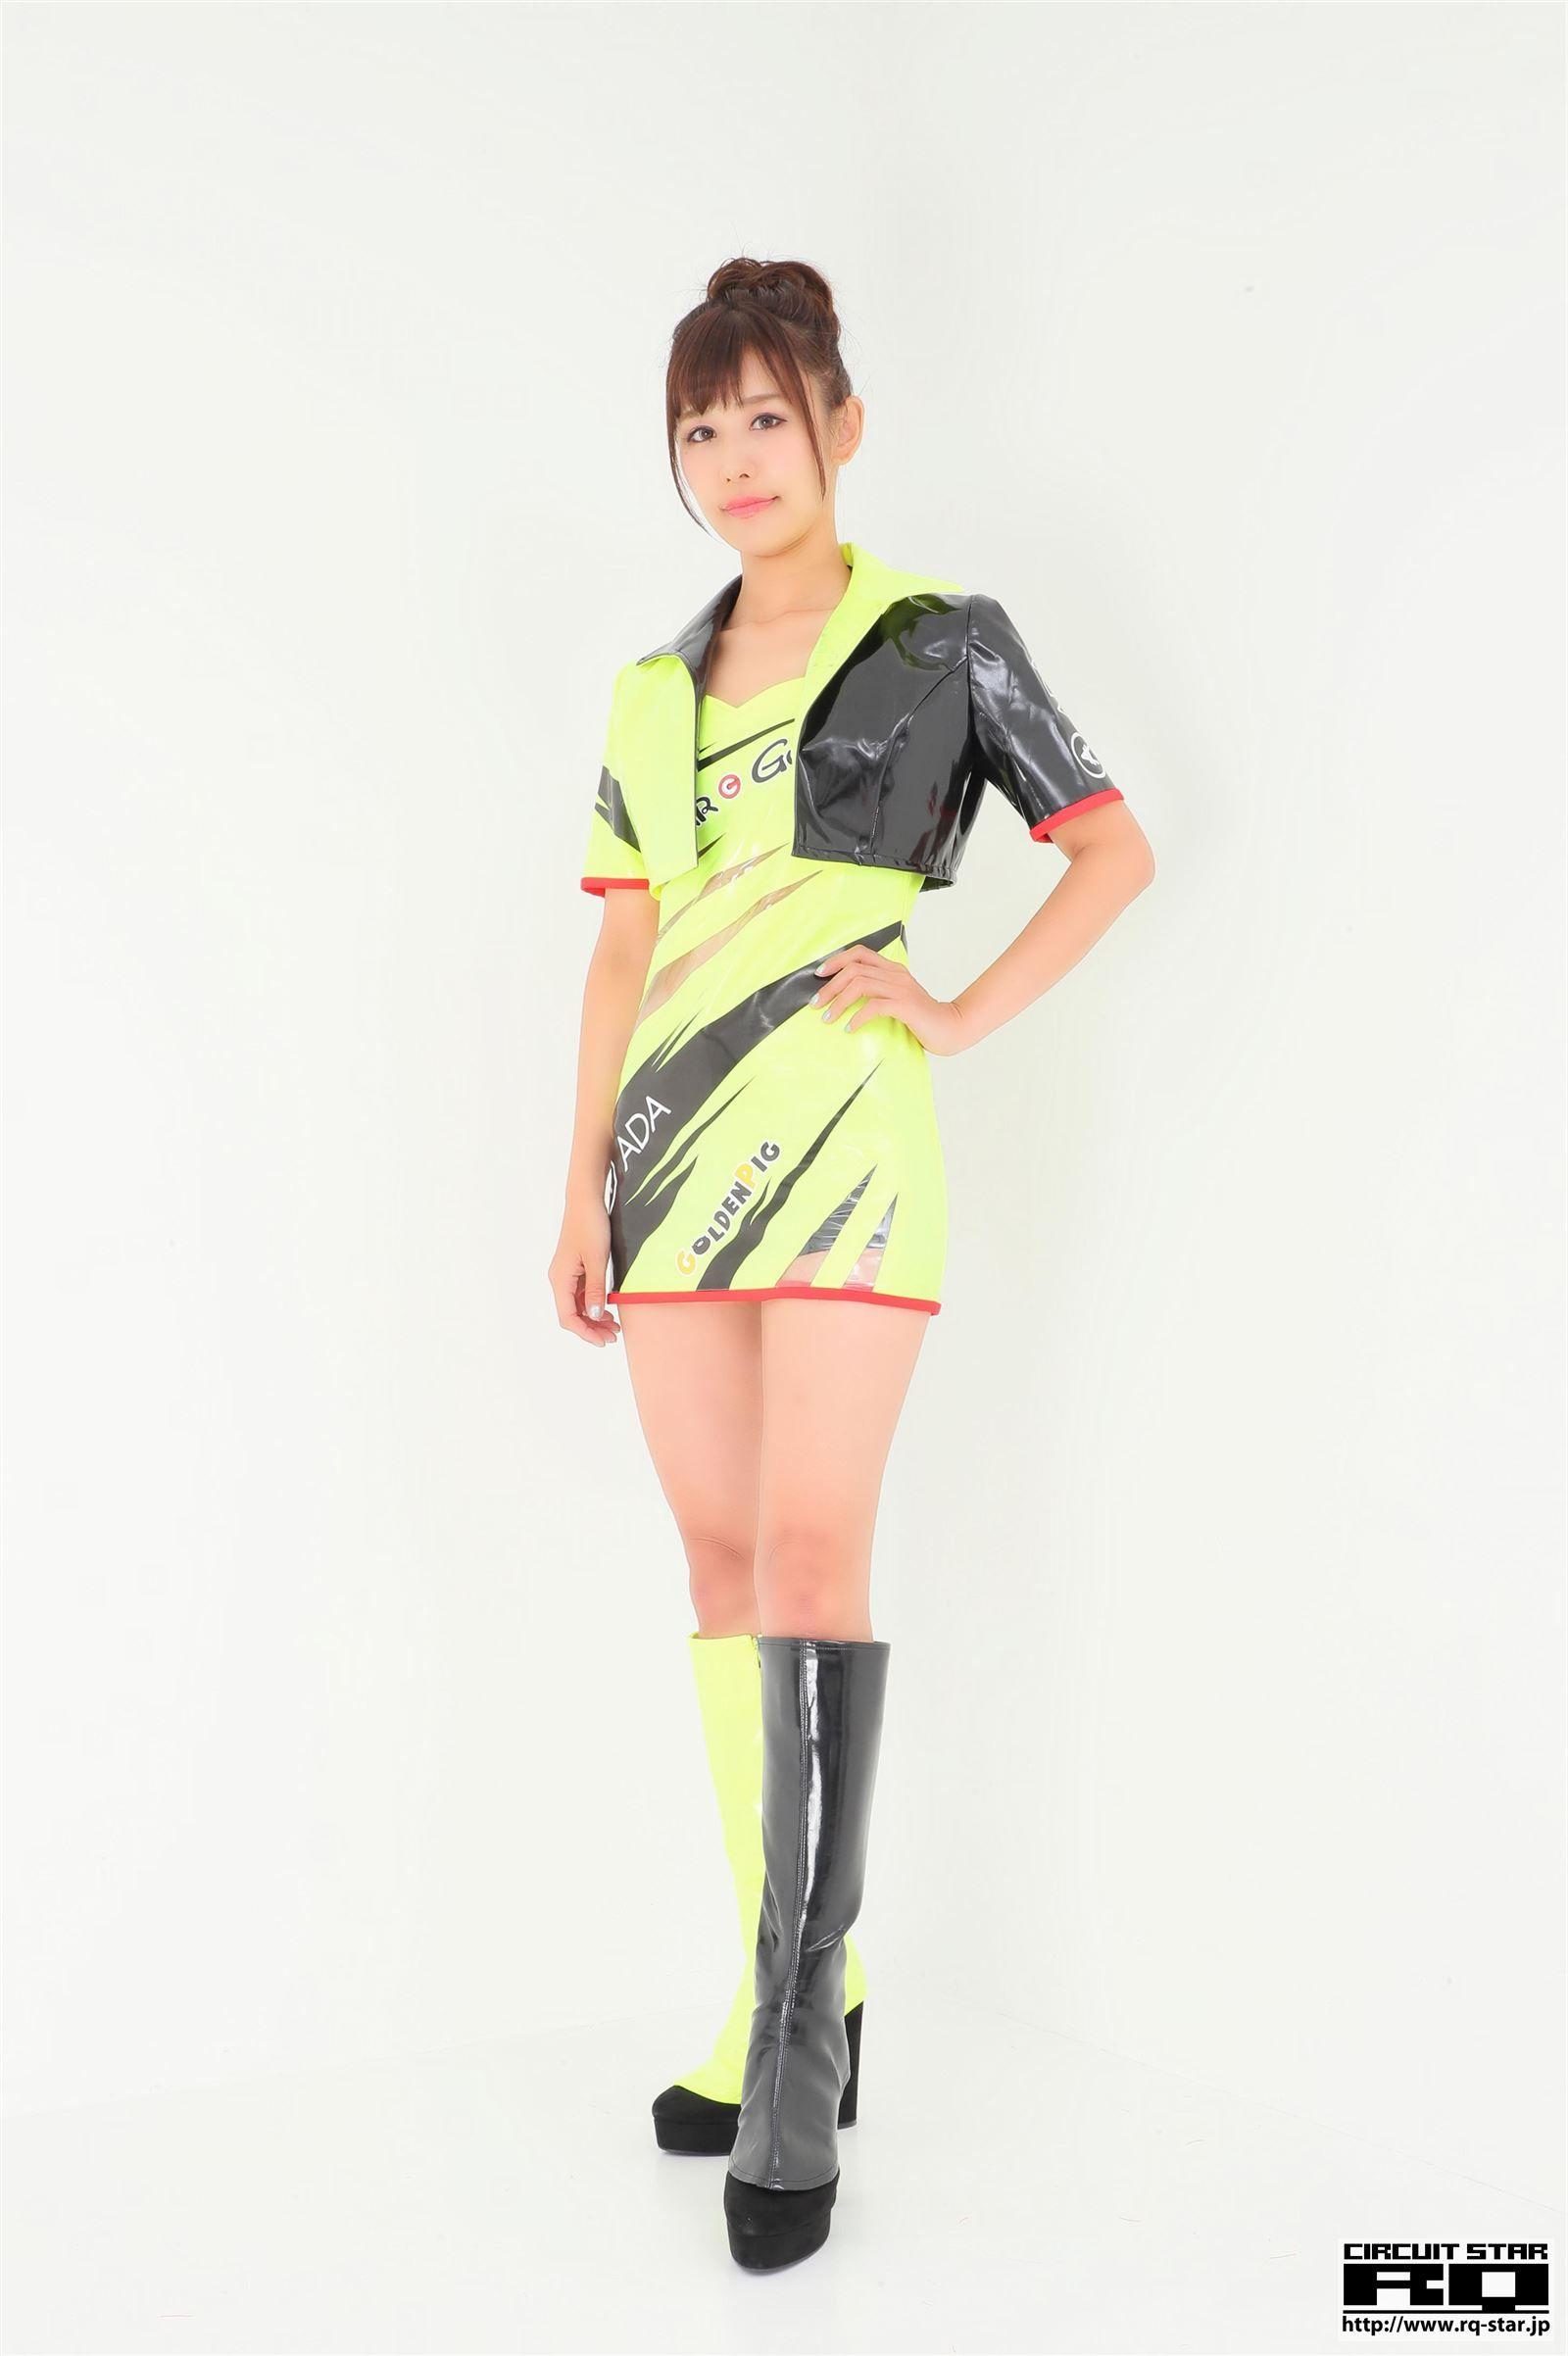 [RQ STAR美女] 2018.08.11 Aya Miyazaki 宮崎彩 Race Queen[70P] RQ STAR 第1张